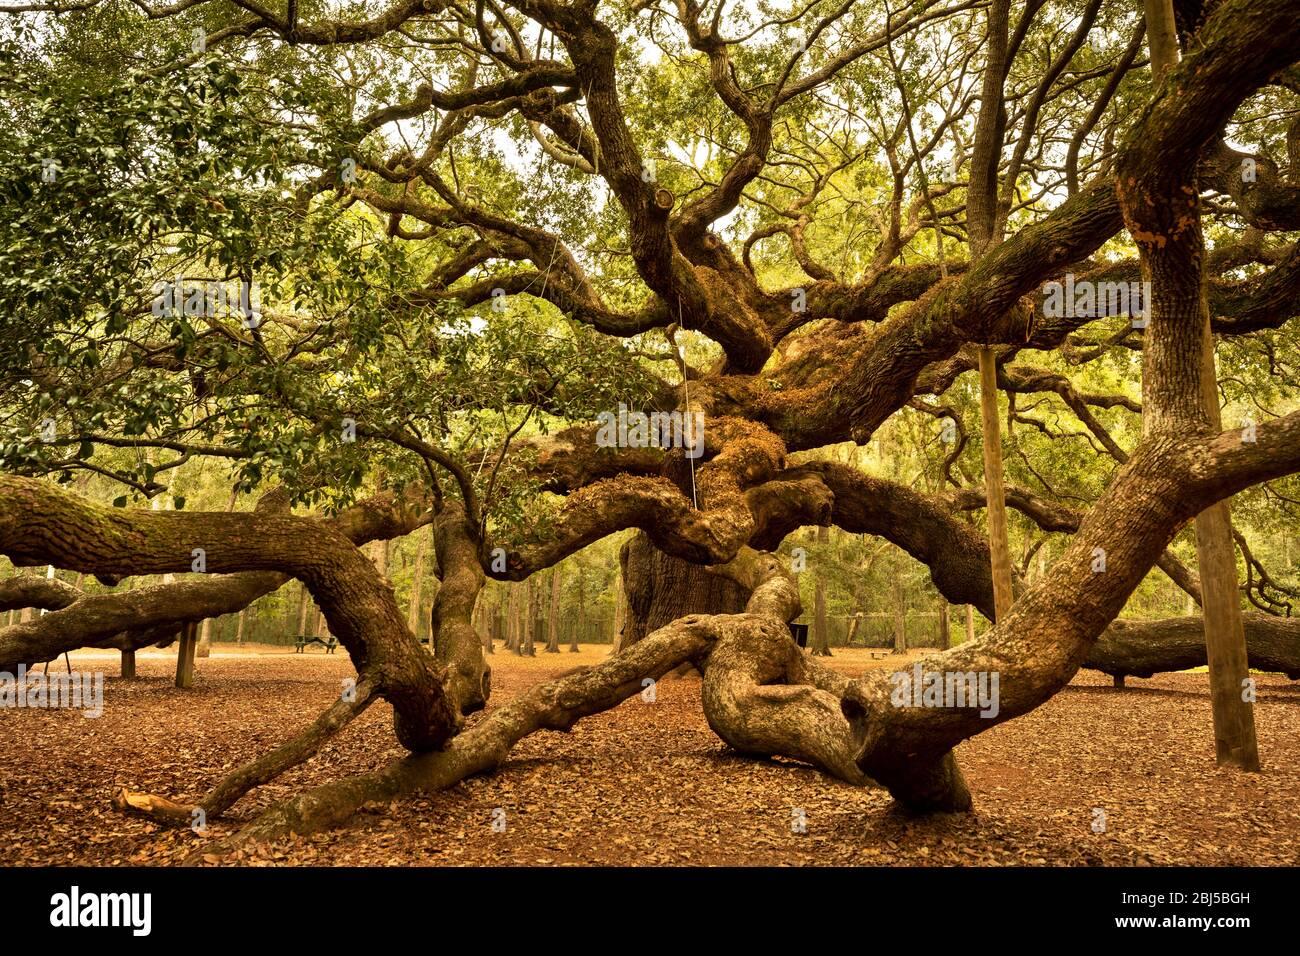 Charleston, Caroline du Sud, États-Unis – 23 octobre 2018 : Angel Oak est un chêne vivant du sud situé dans Angel Oak Park sur l'île Johns, près de Charleston, au sud Banque D'Images